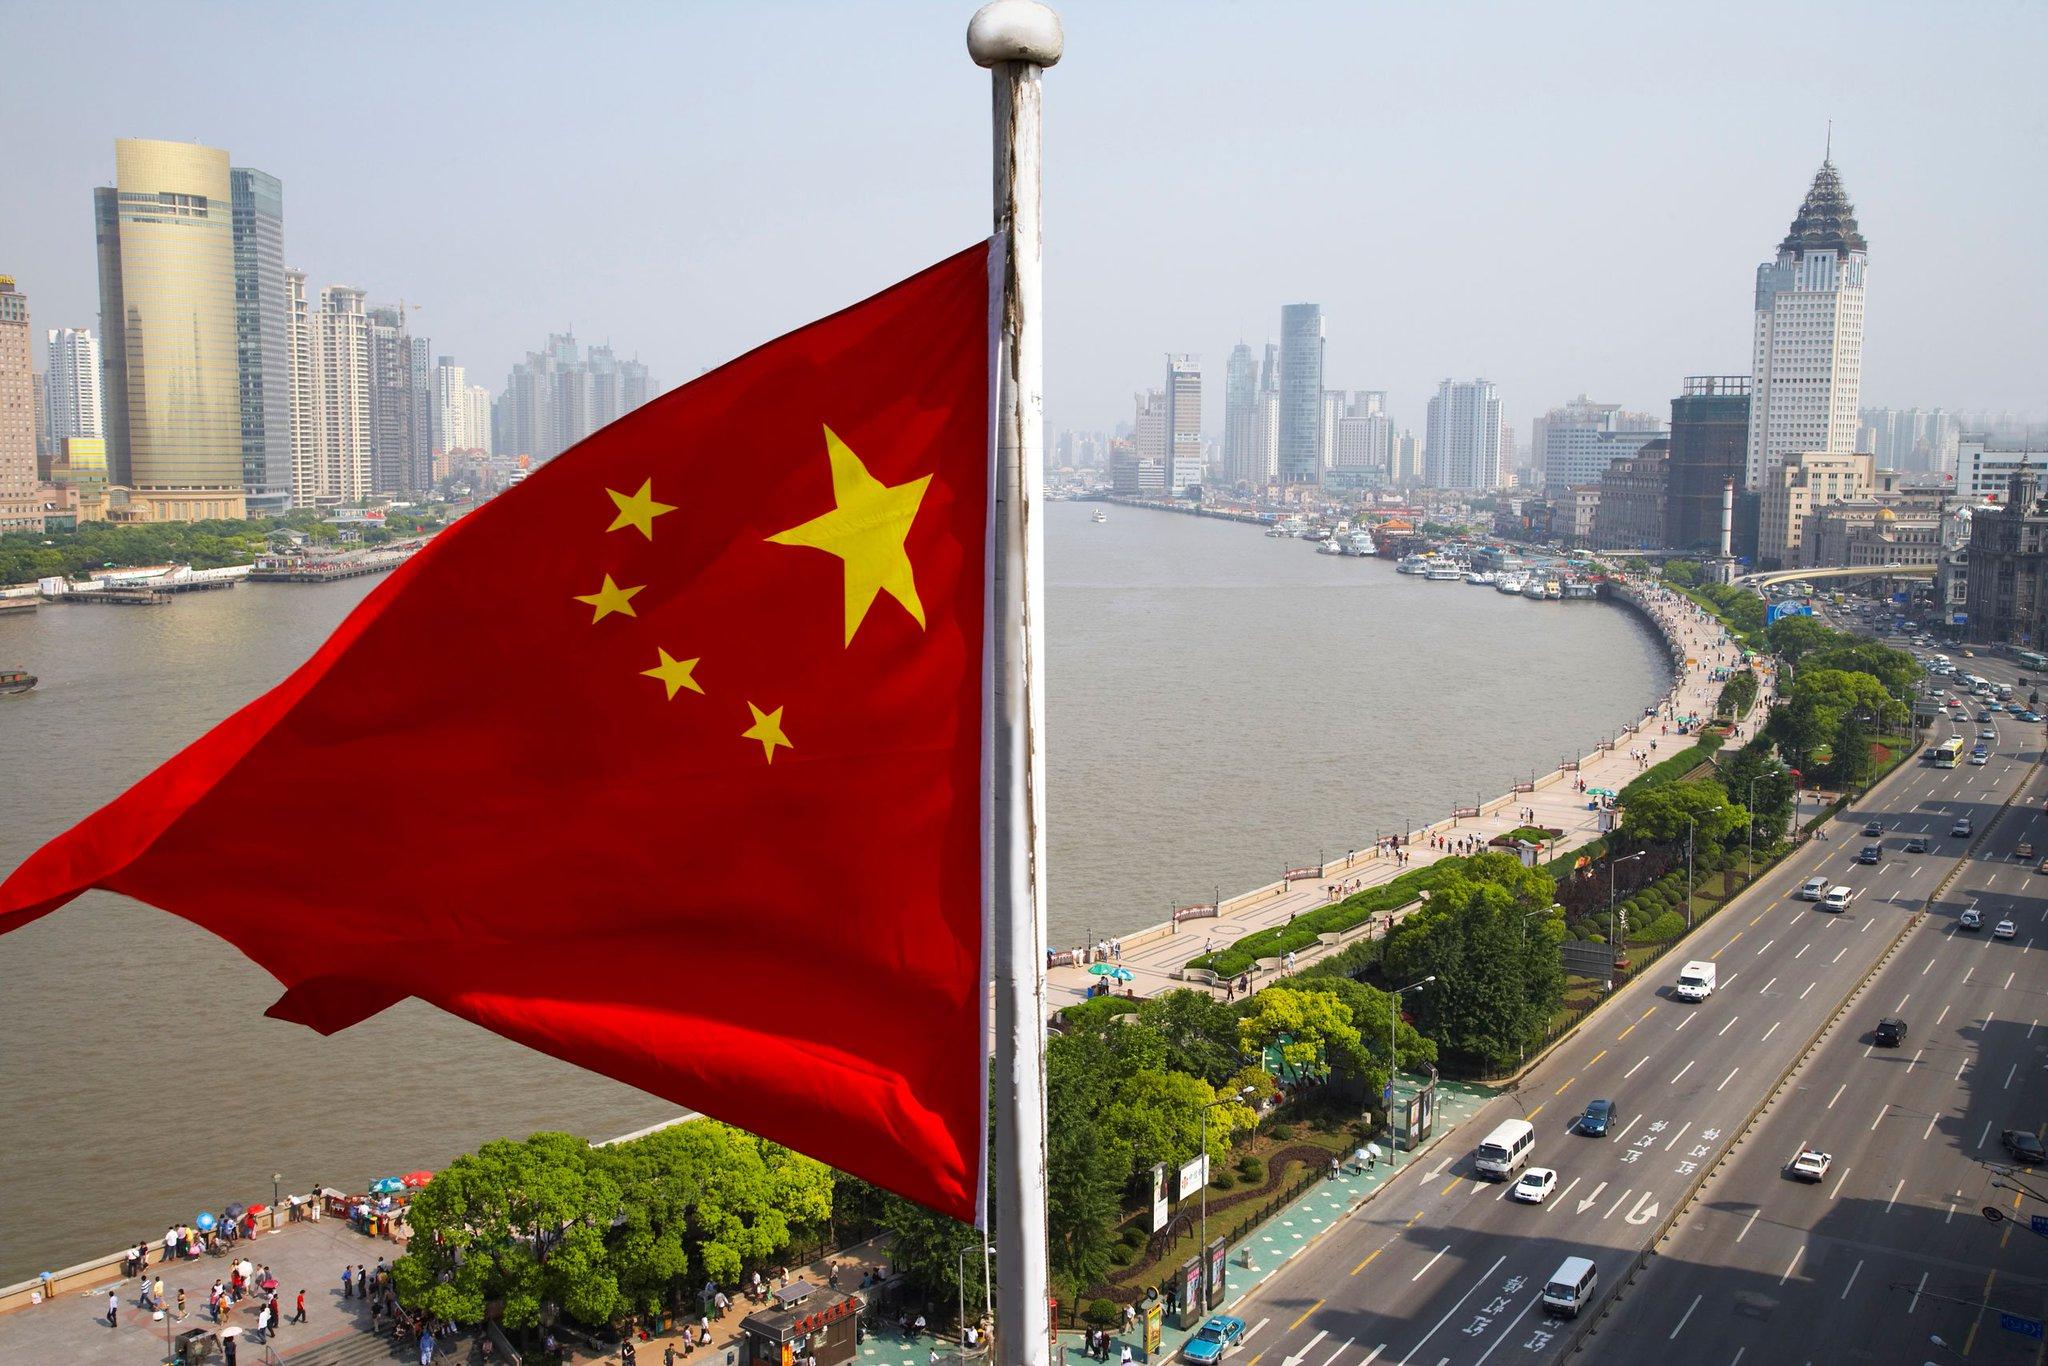 они фото китайского флага хороший дом, после